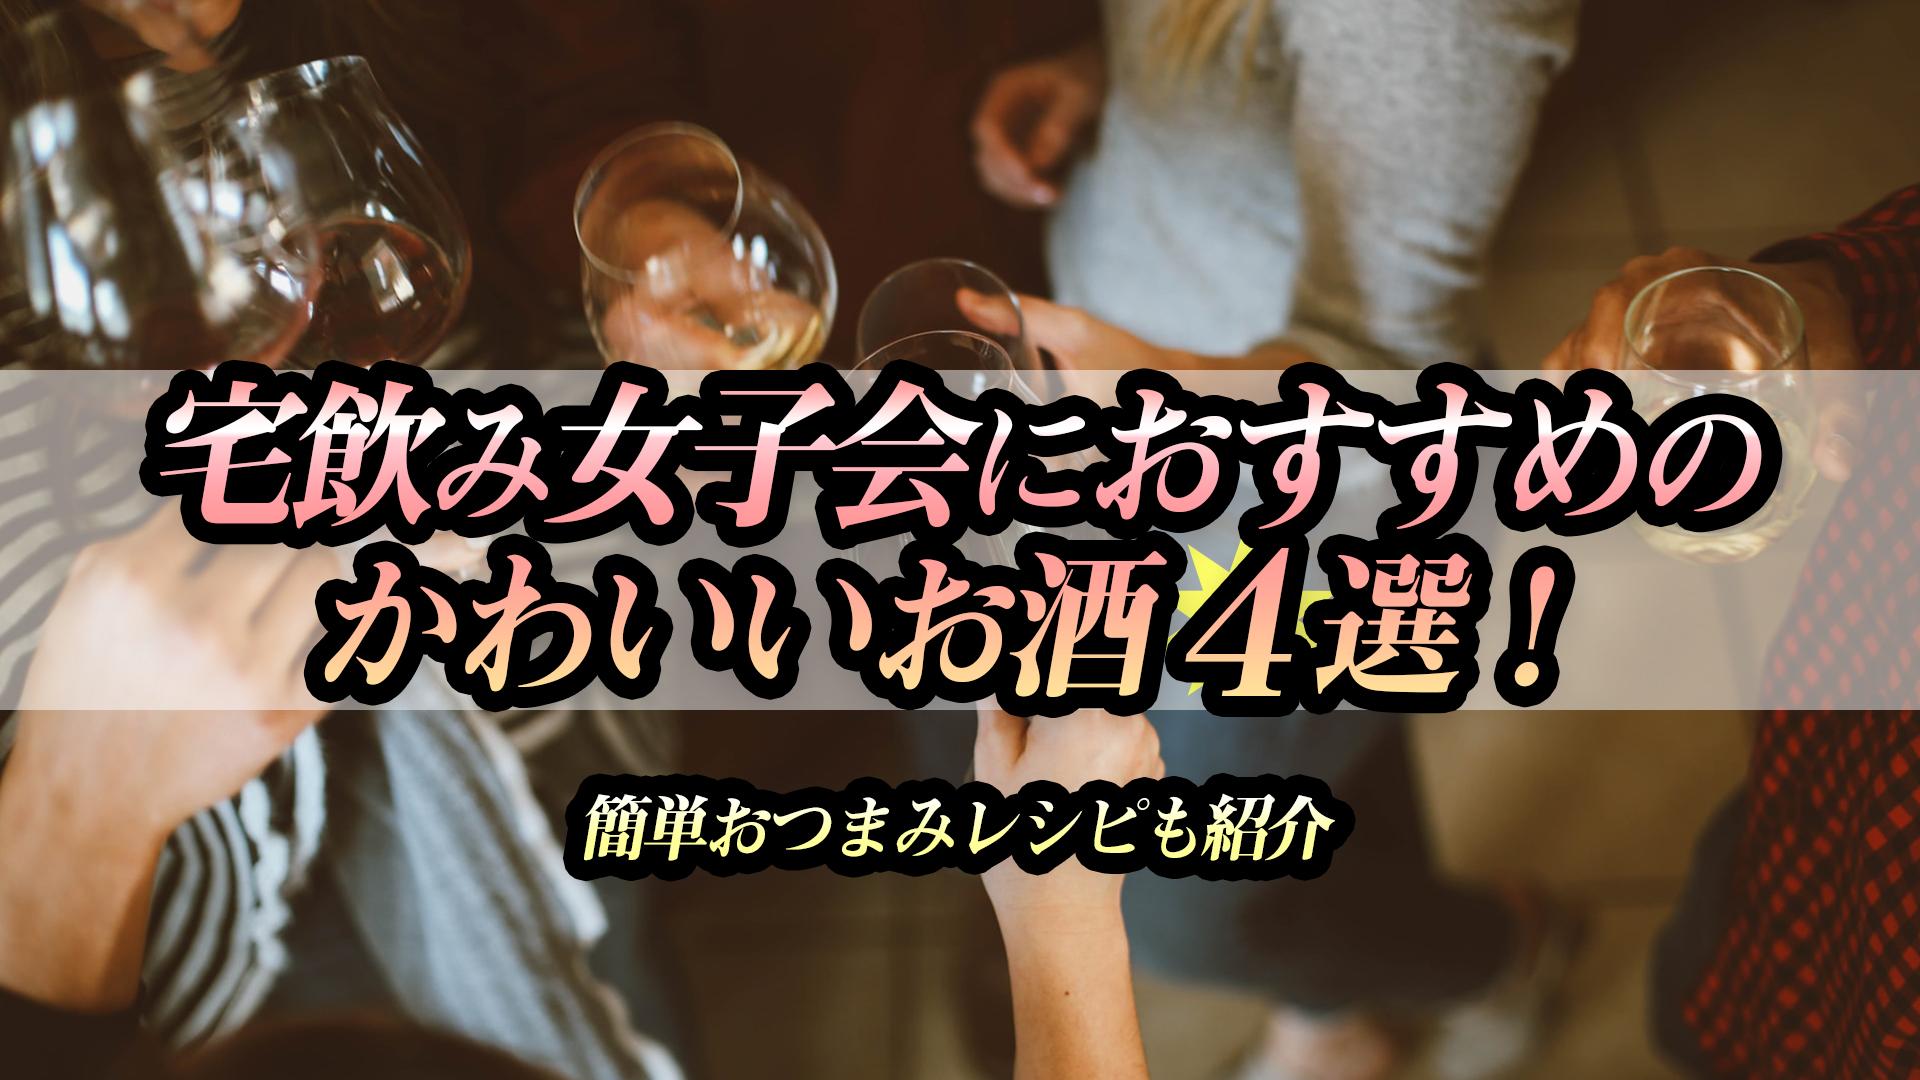 宅飲み女子会におすすめのかわいいお酒4選!簡単おつまみレシピも紹介